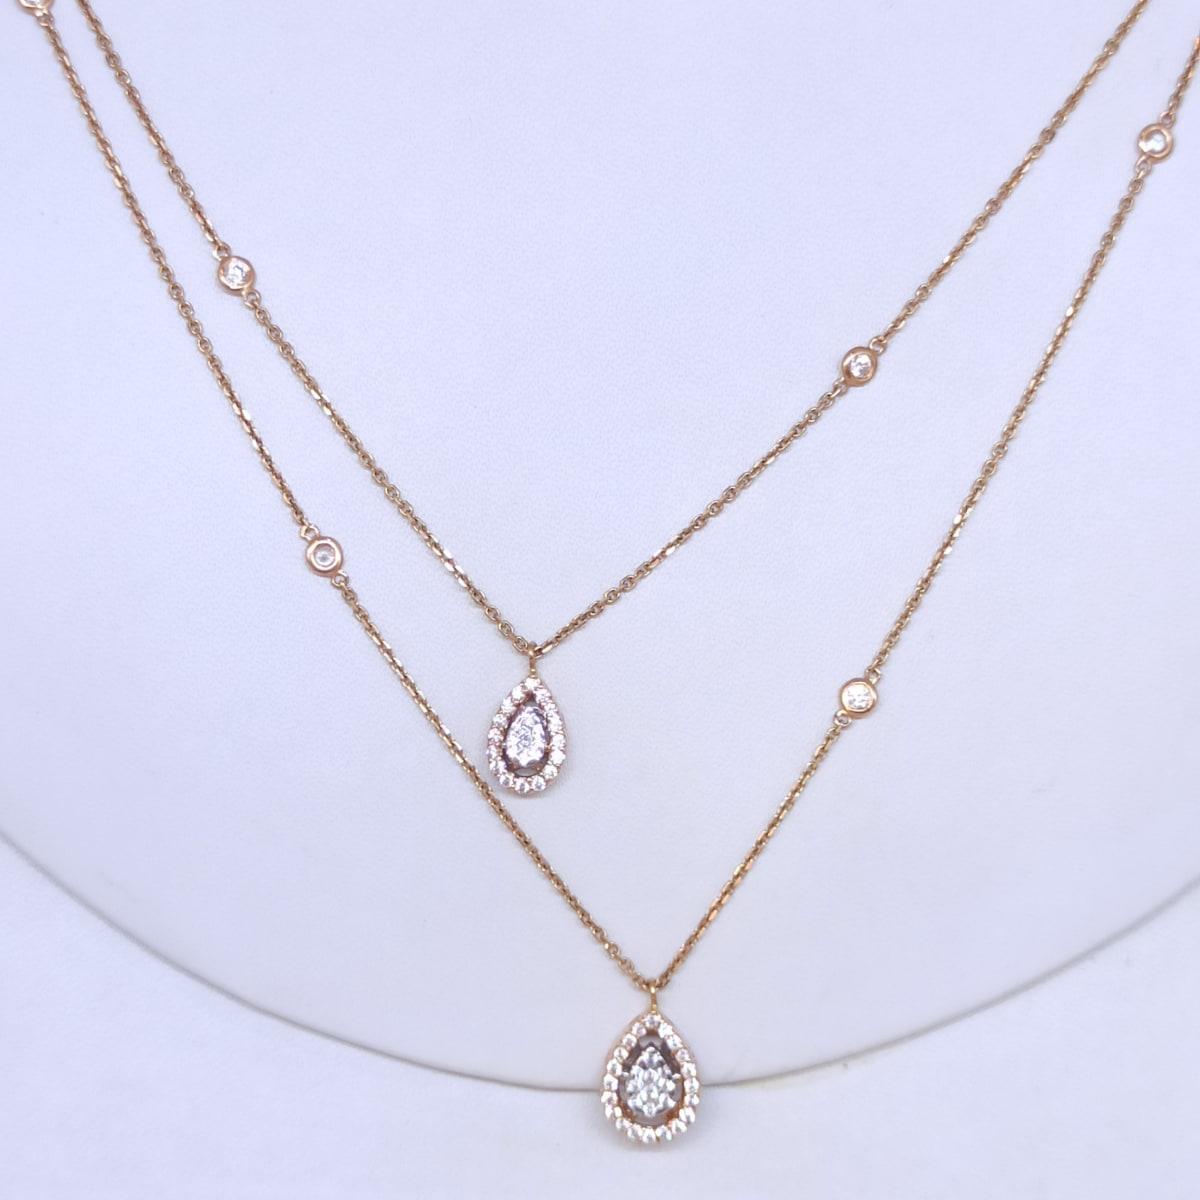 Double Chain Cz Necklace